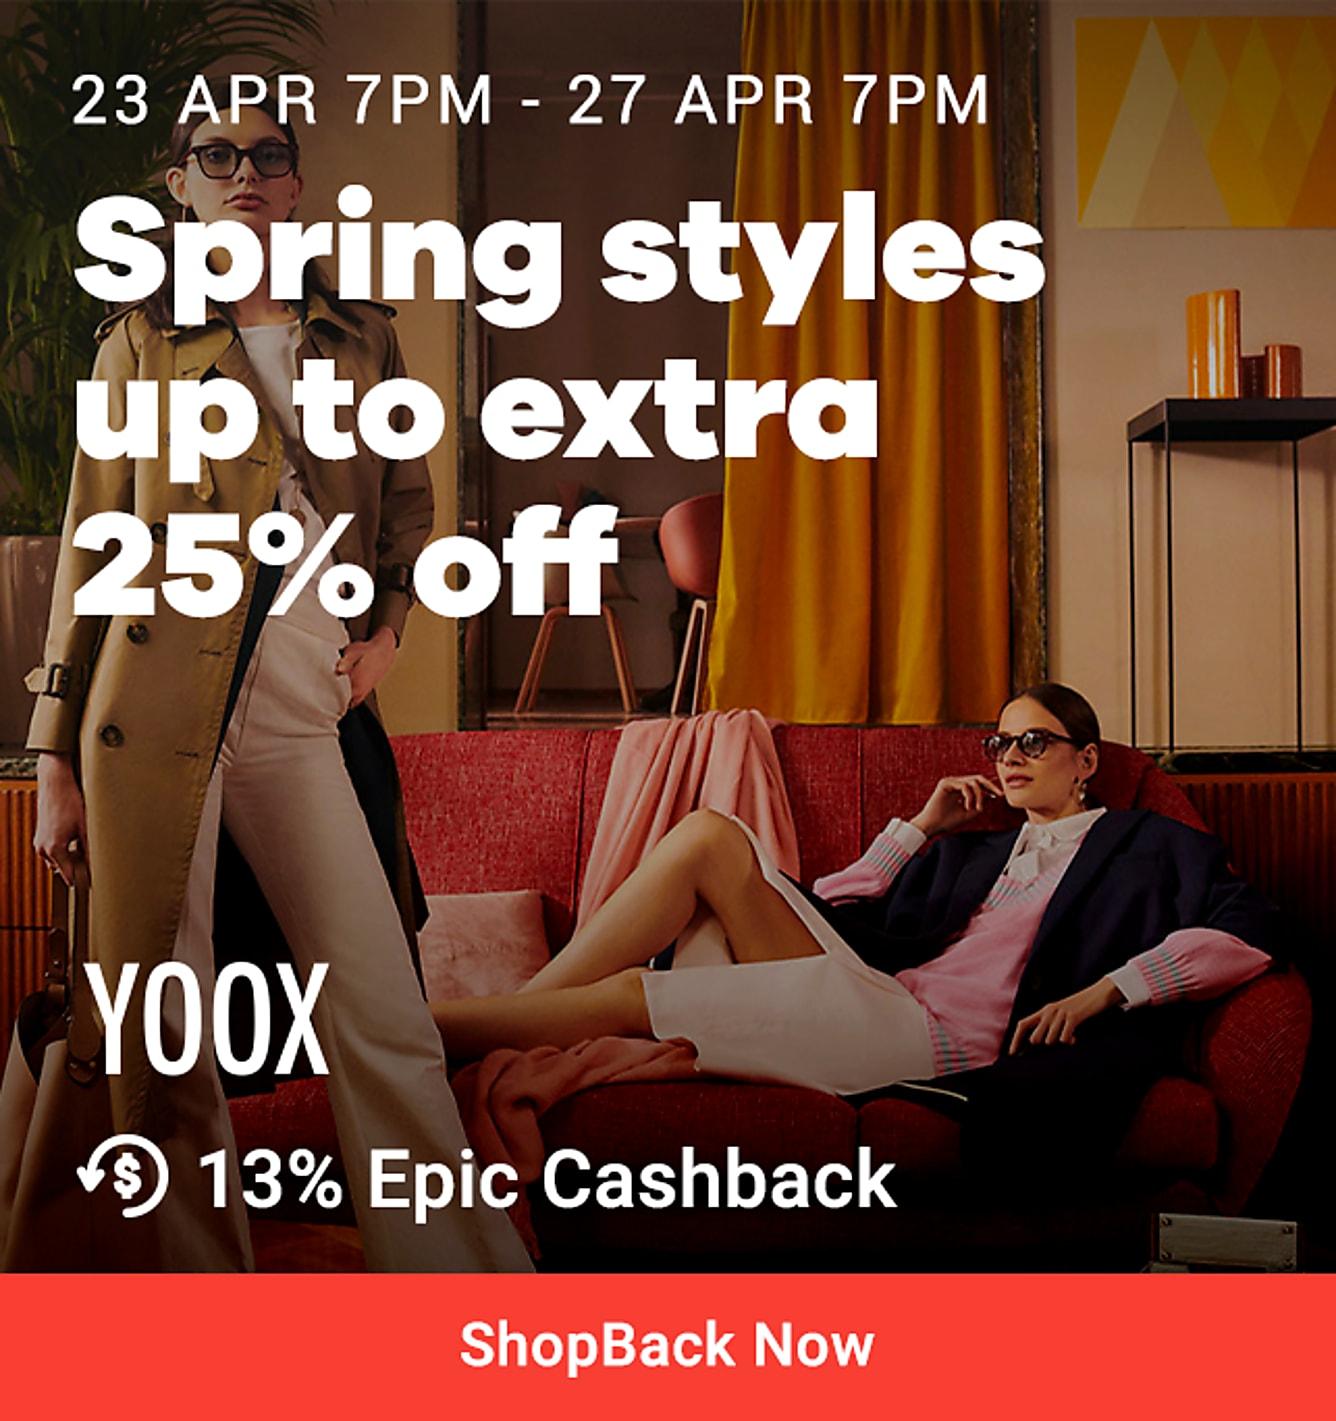 25% off yoox 13% epic cashback